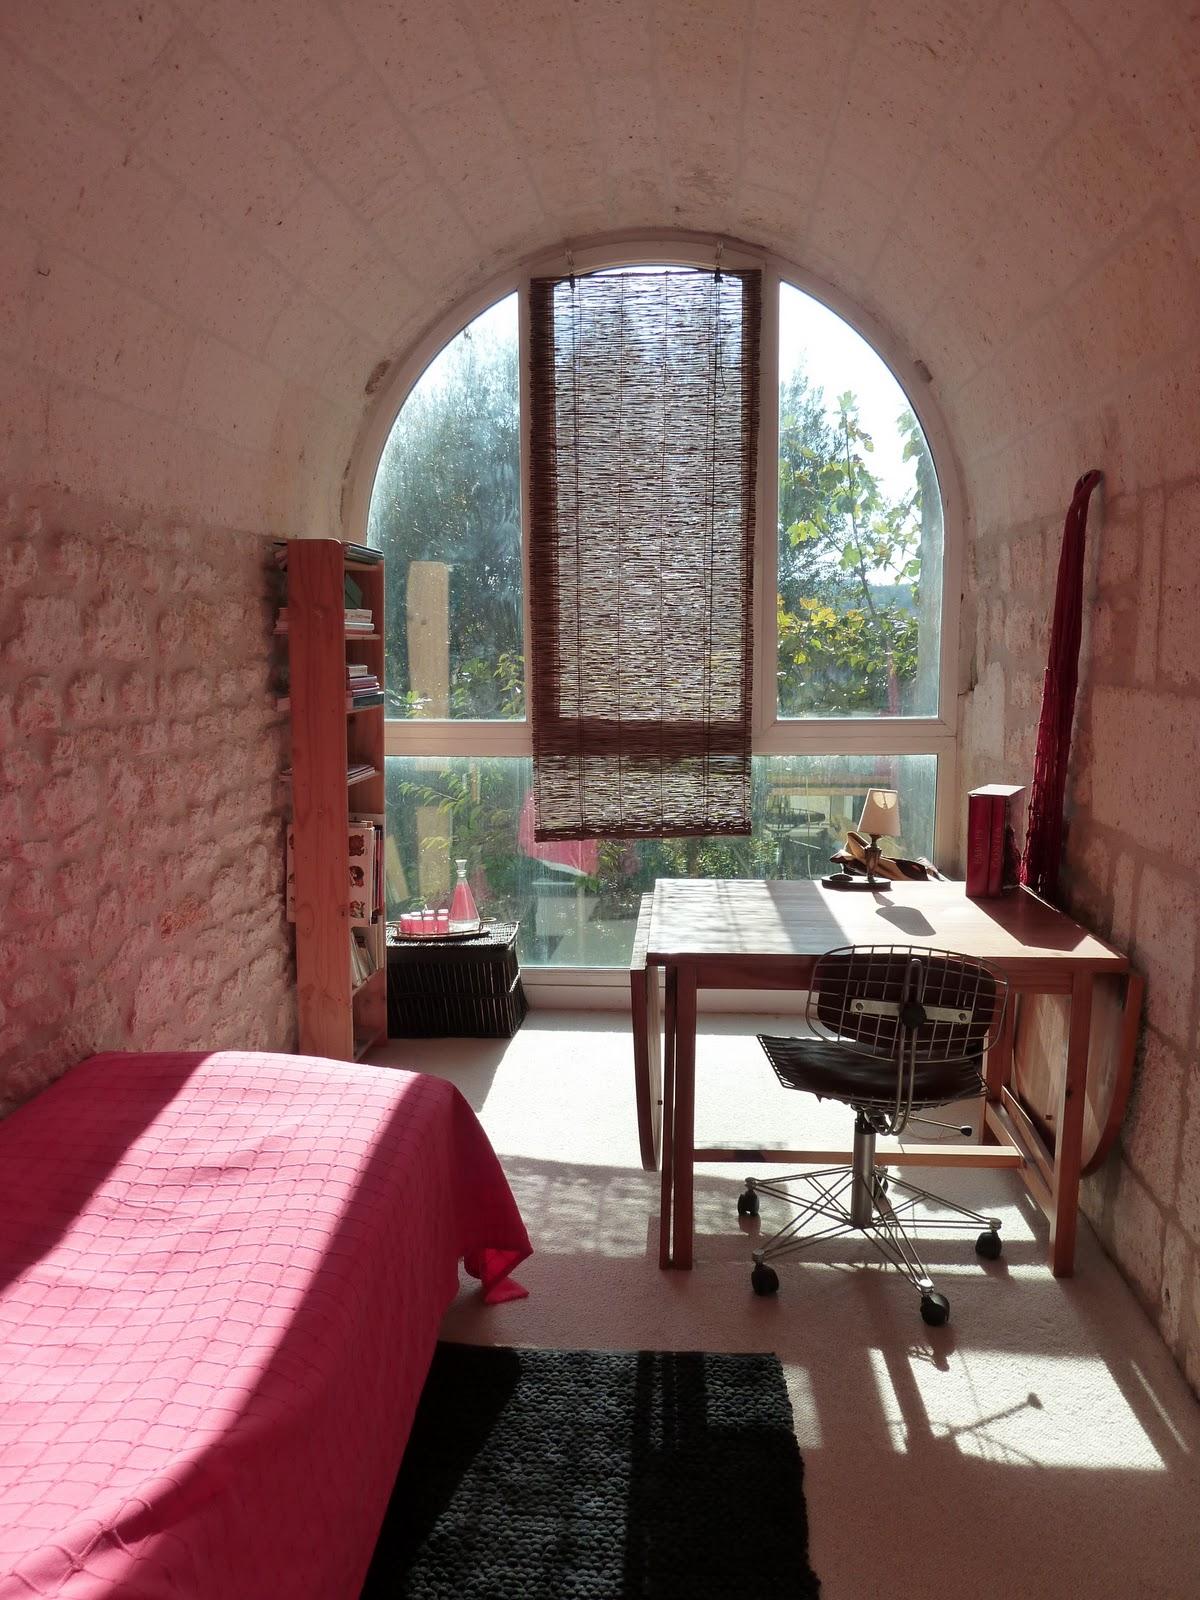 maison à vendre à Angoulême centre: étage -1 _ cet étage ...